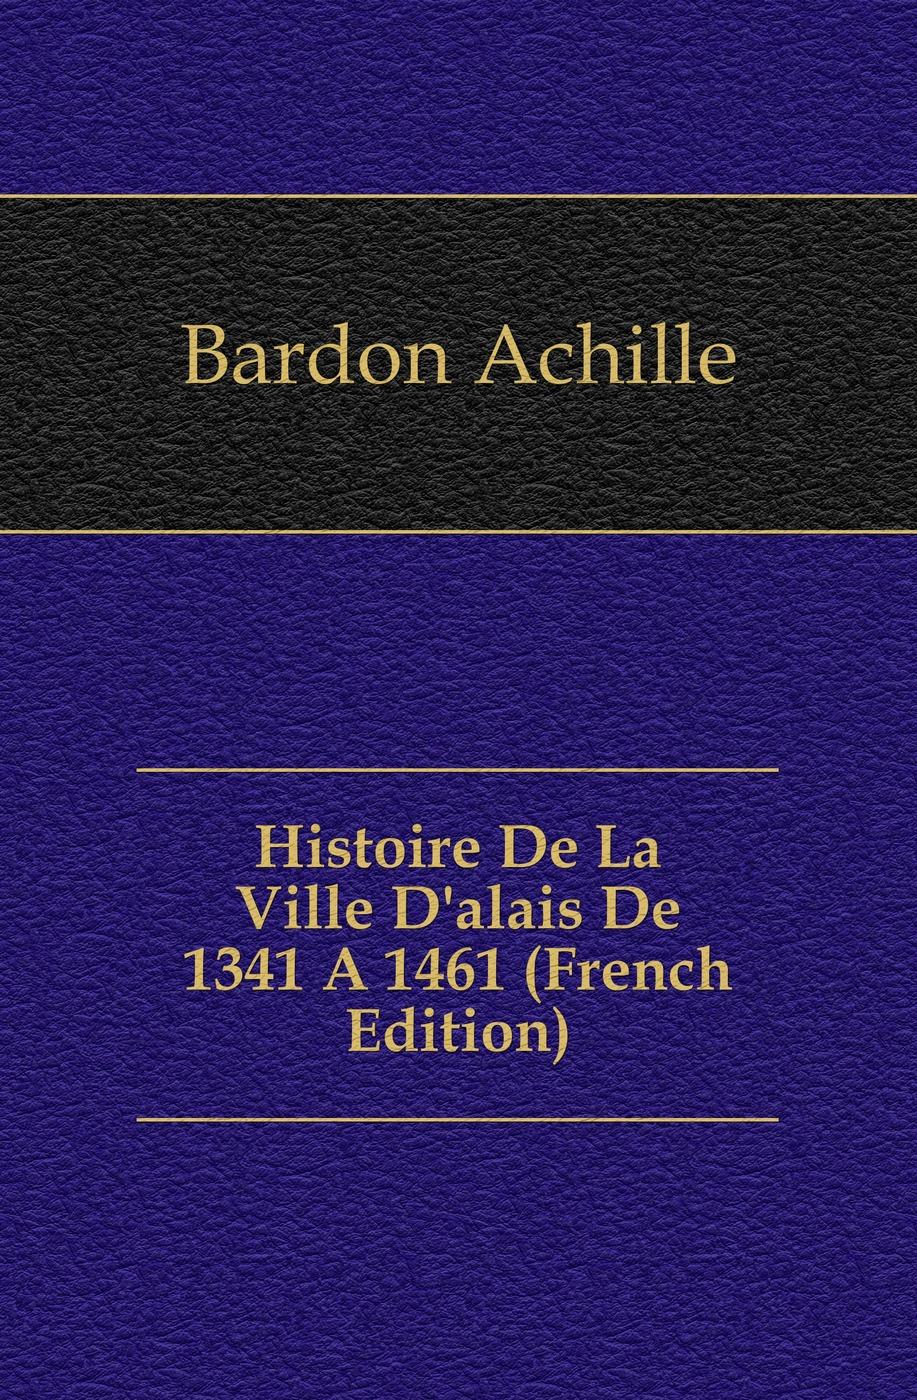 Bardon Achille Histoire De La Ville D'alais De 1341 A 1461 (French Edition) edmond michel histoire de la ville de brie comte robert volume 1 french edition